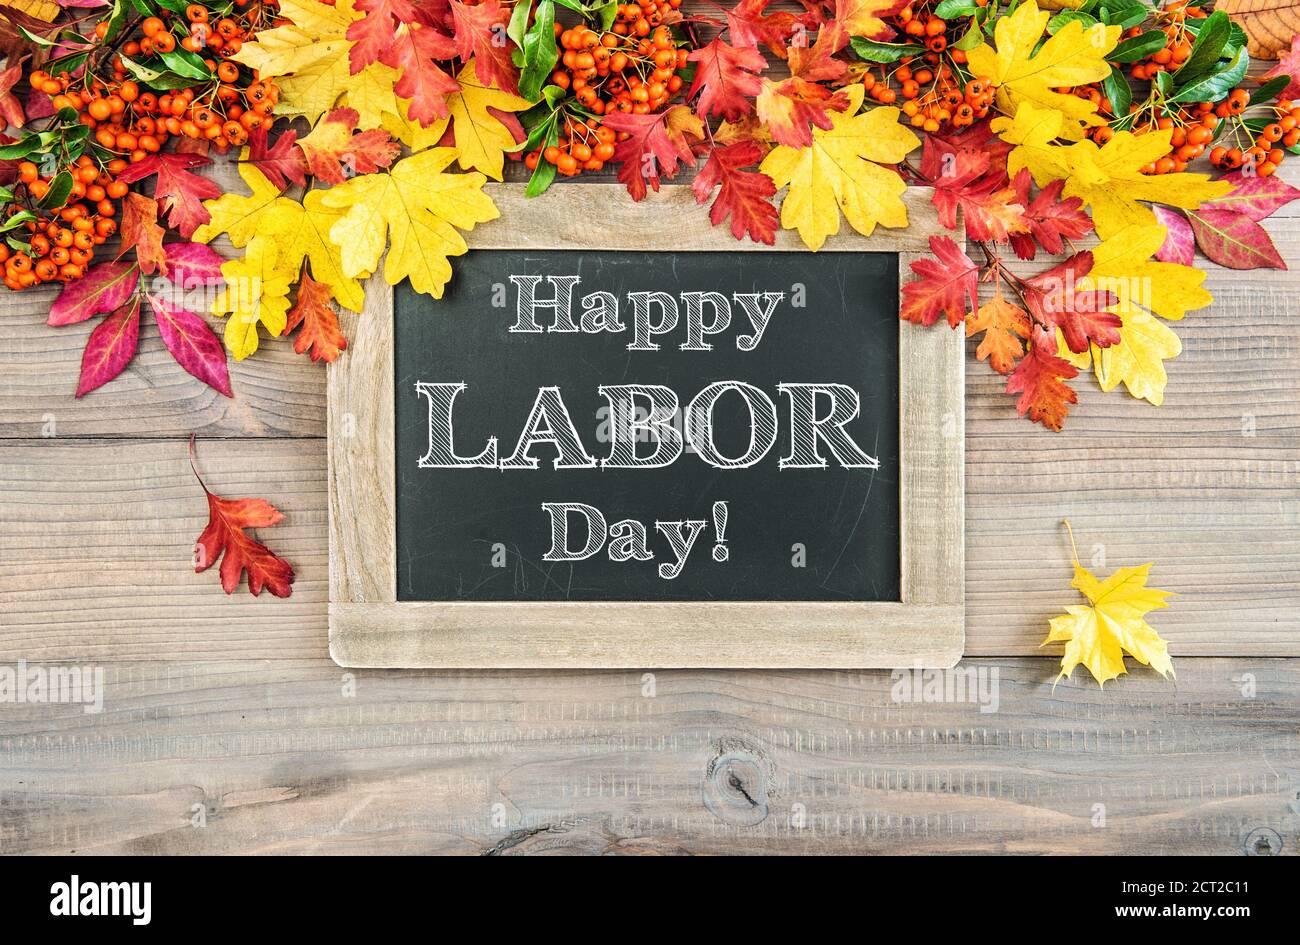 Bonne fête du travail ! Arrière-plan d'automne avec feuilles colorées et tableau noir Banque D'Images